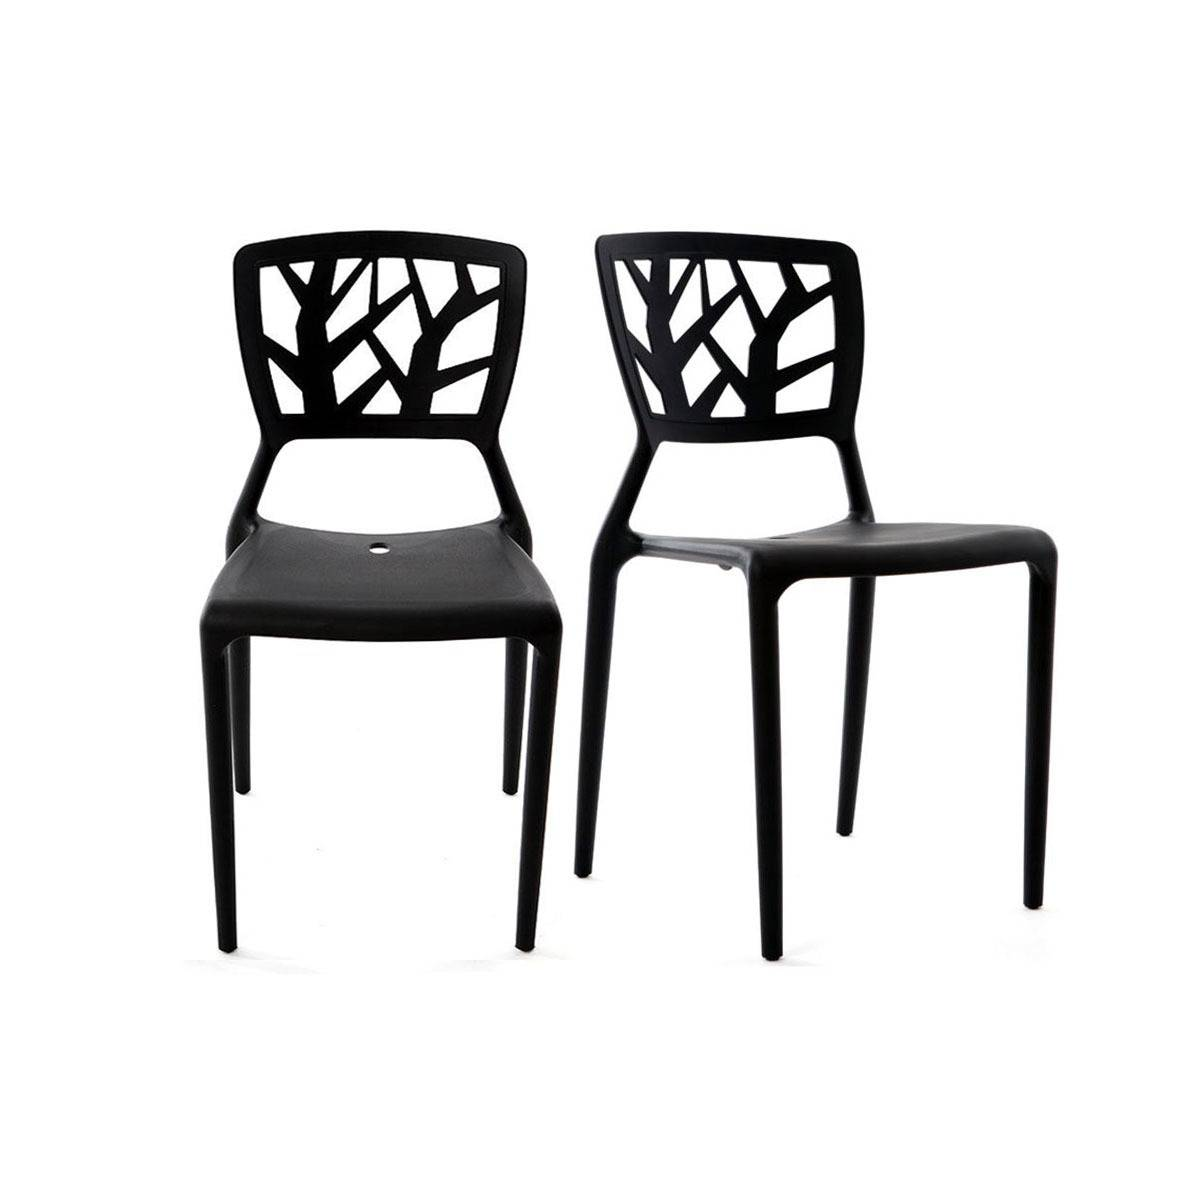 Miliboo Chaises design noires empilables intérieur / extérieur (lot de 2) KATIA